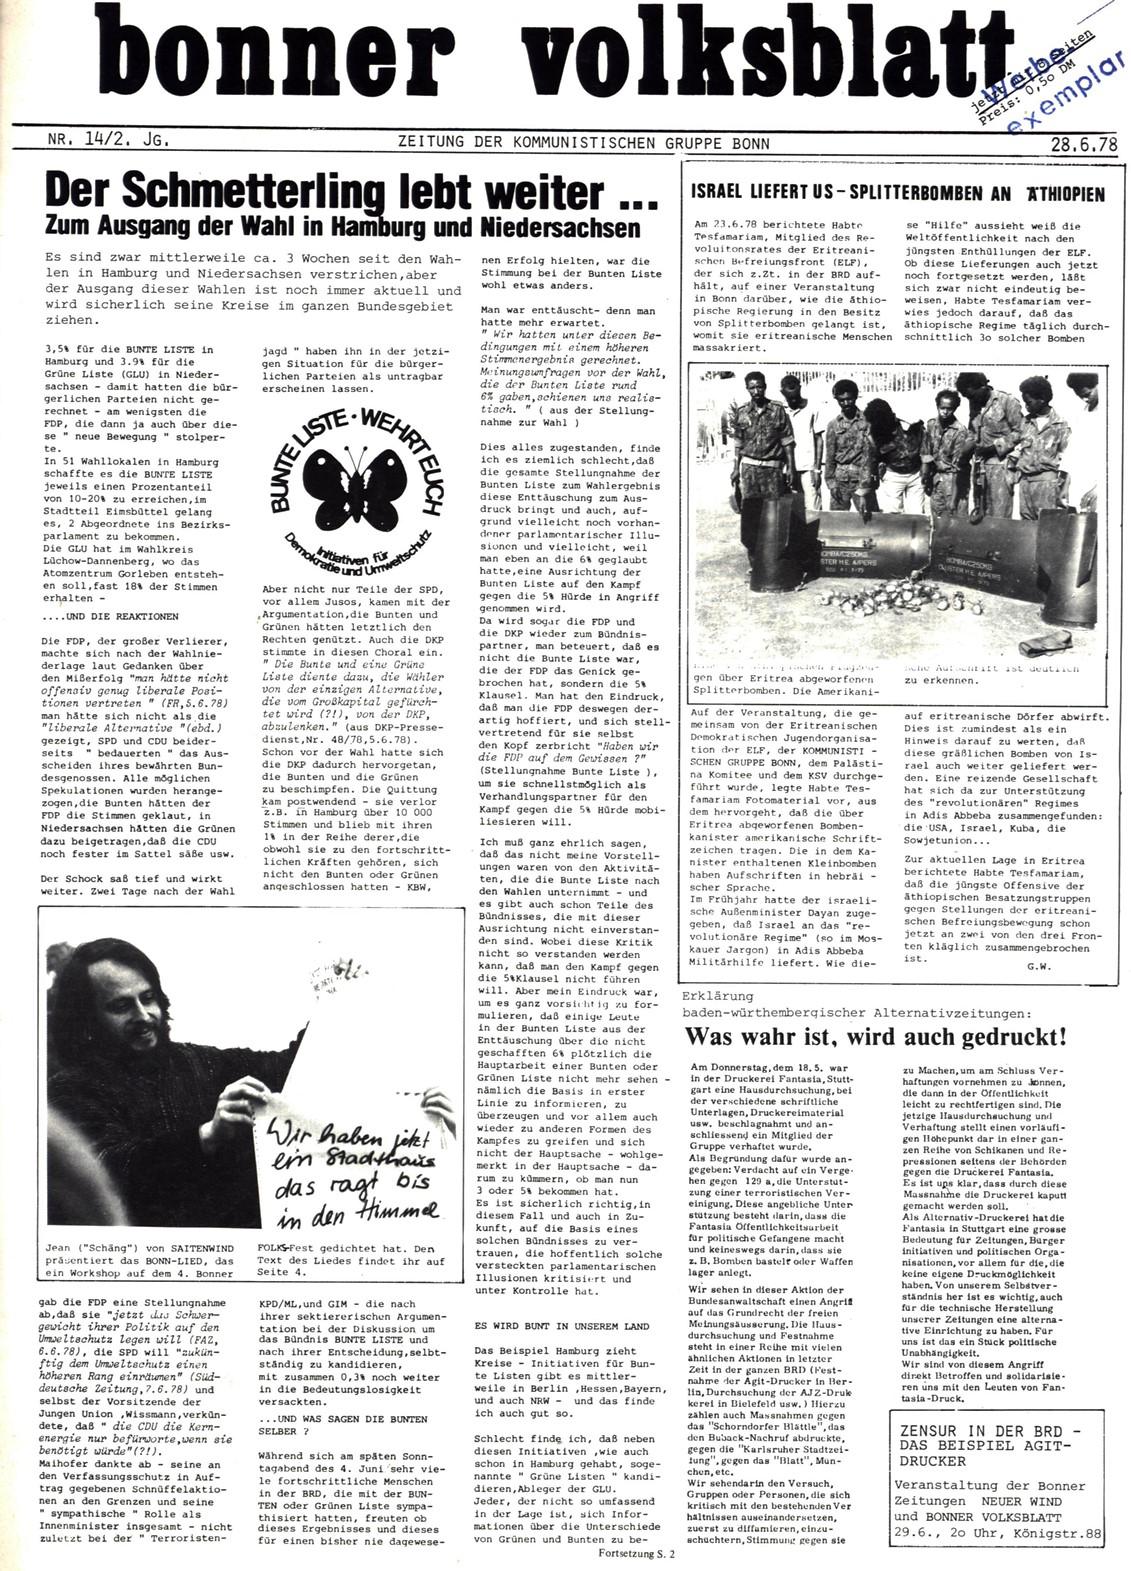 Bonner_Volksblatt_14_19780628_01